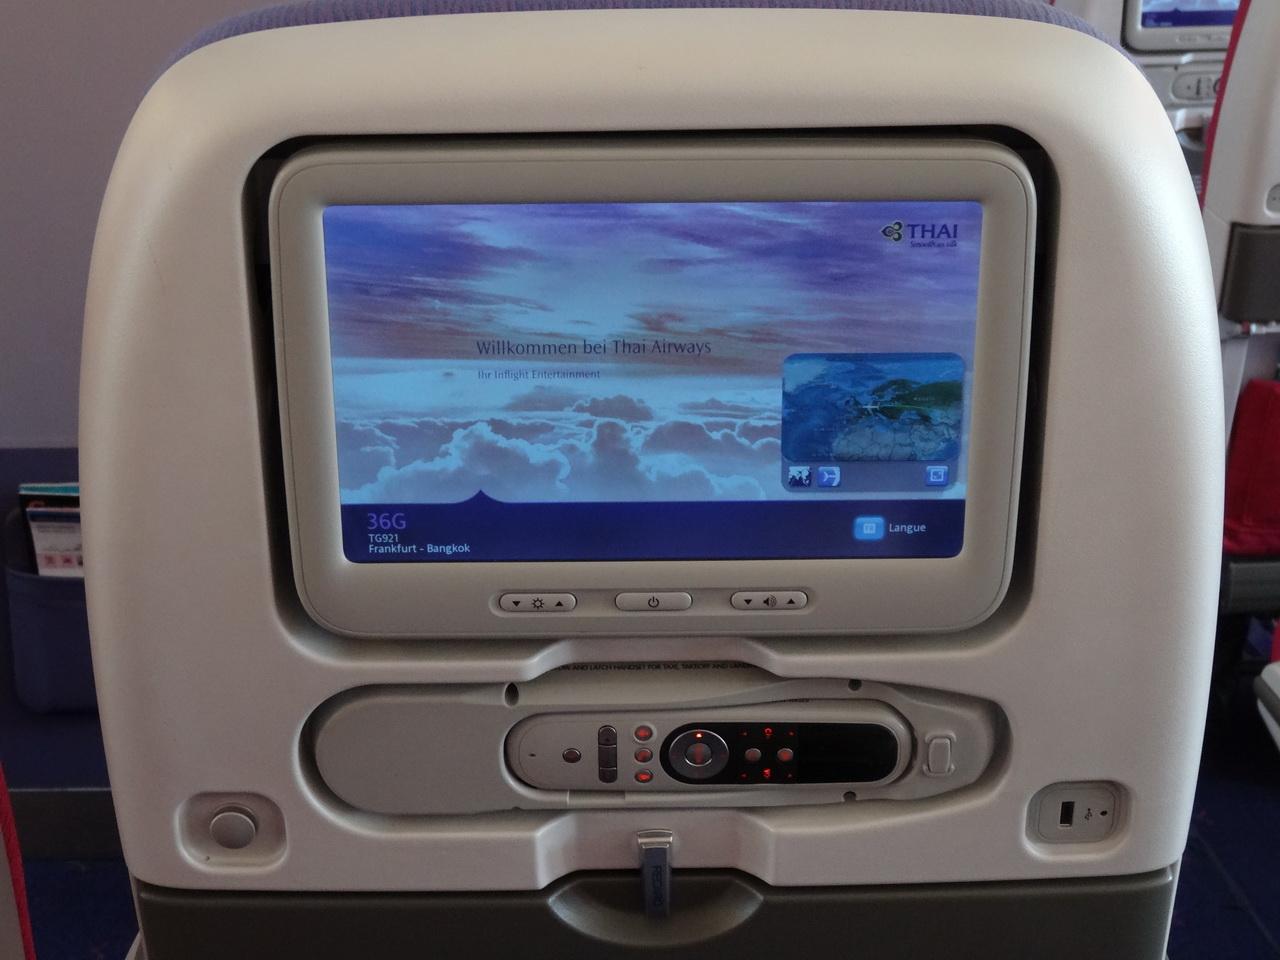 03 Thai A380 11